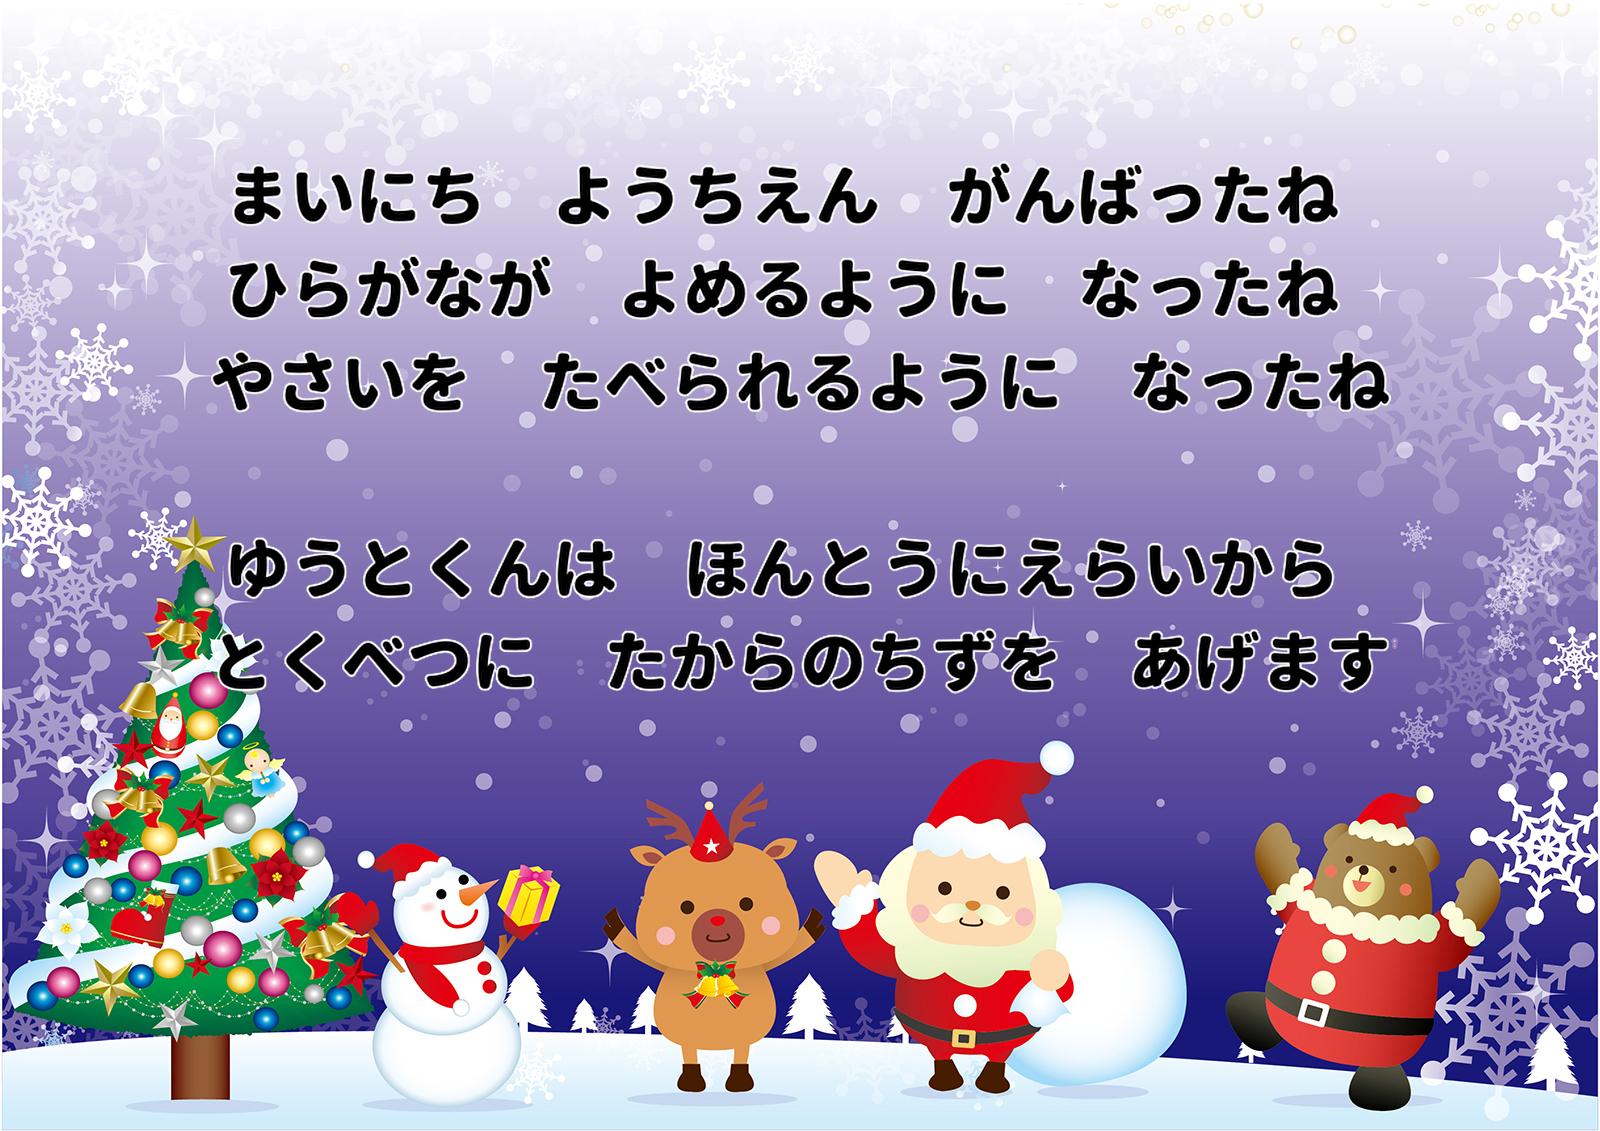 サンタさんからのお手紙